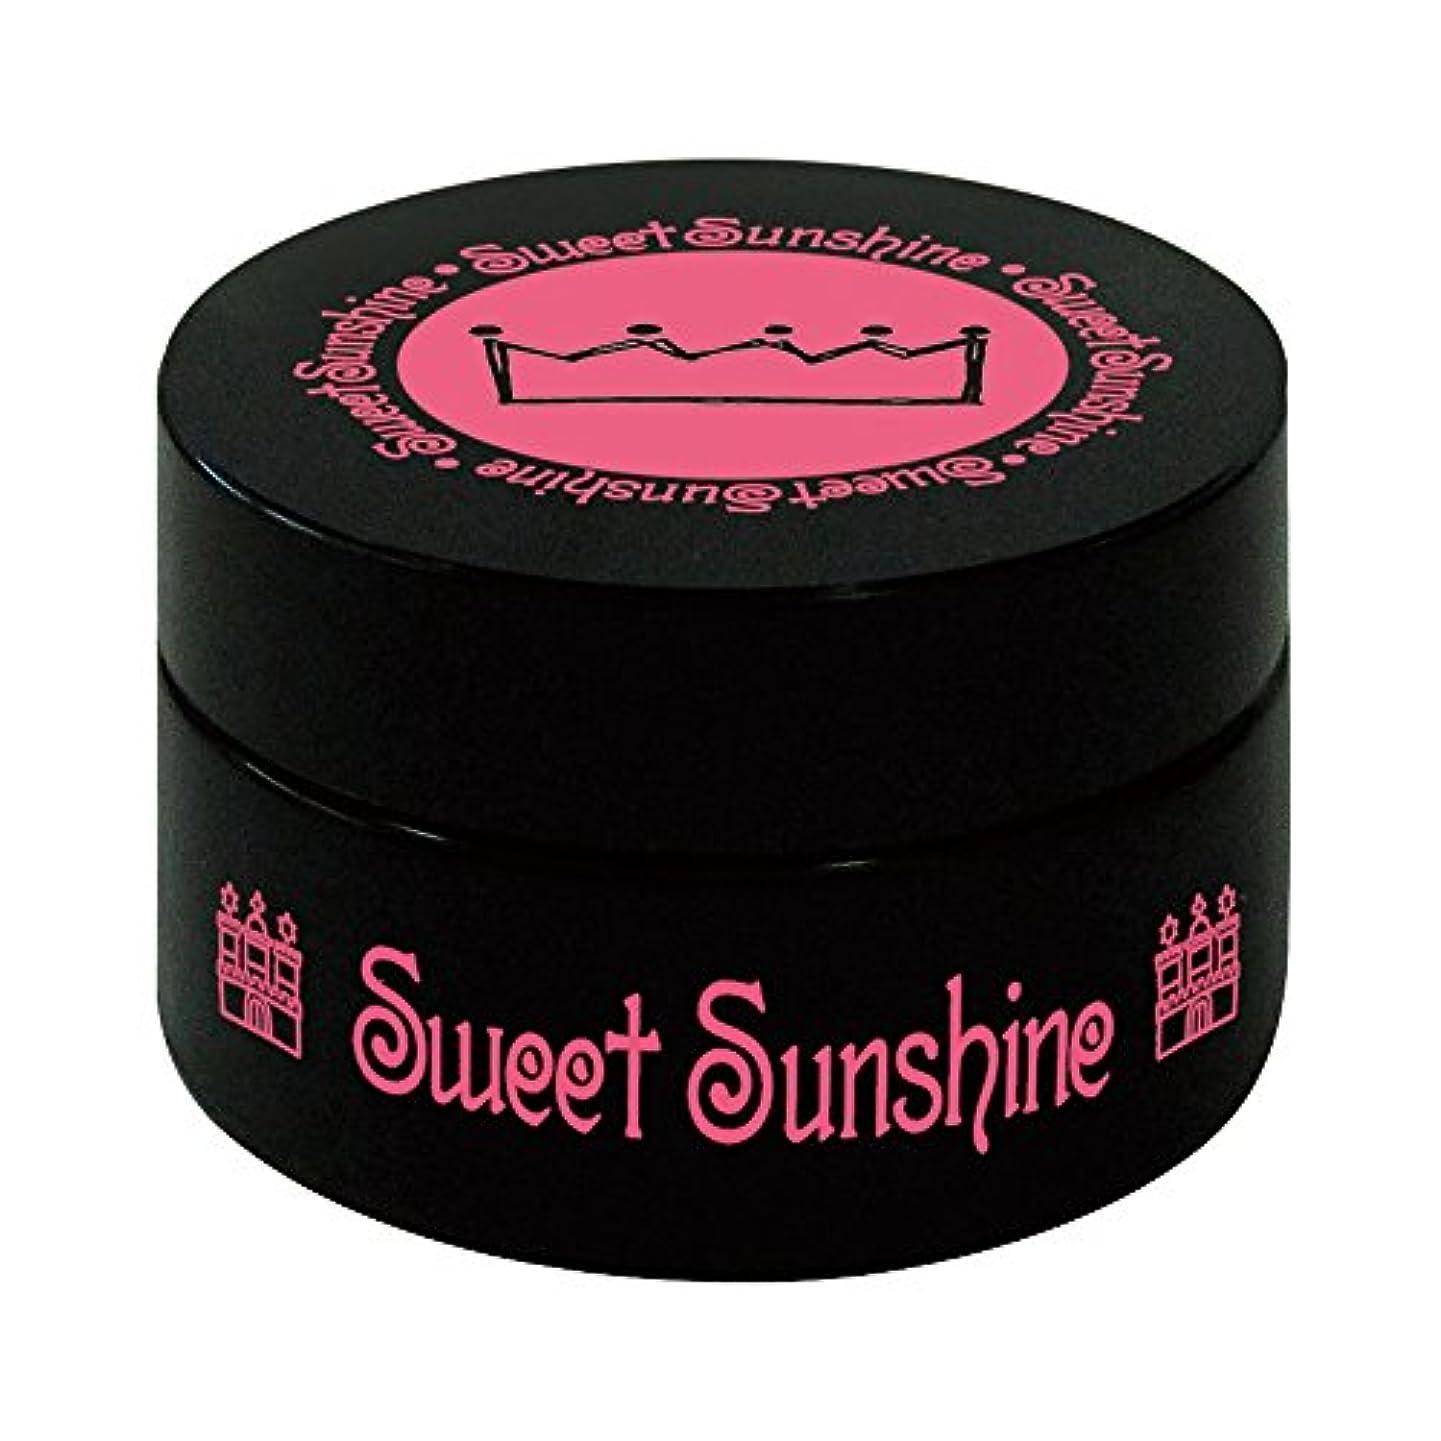 債務者状況偽最速硬化LED対応 Sweet Sunshine スィート サンシャイン カラージェル SC-106 4g イチゴジュース